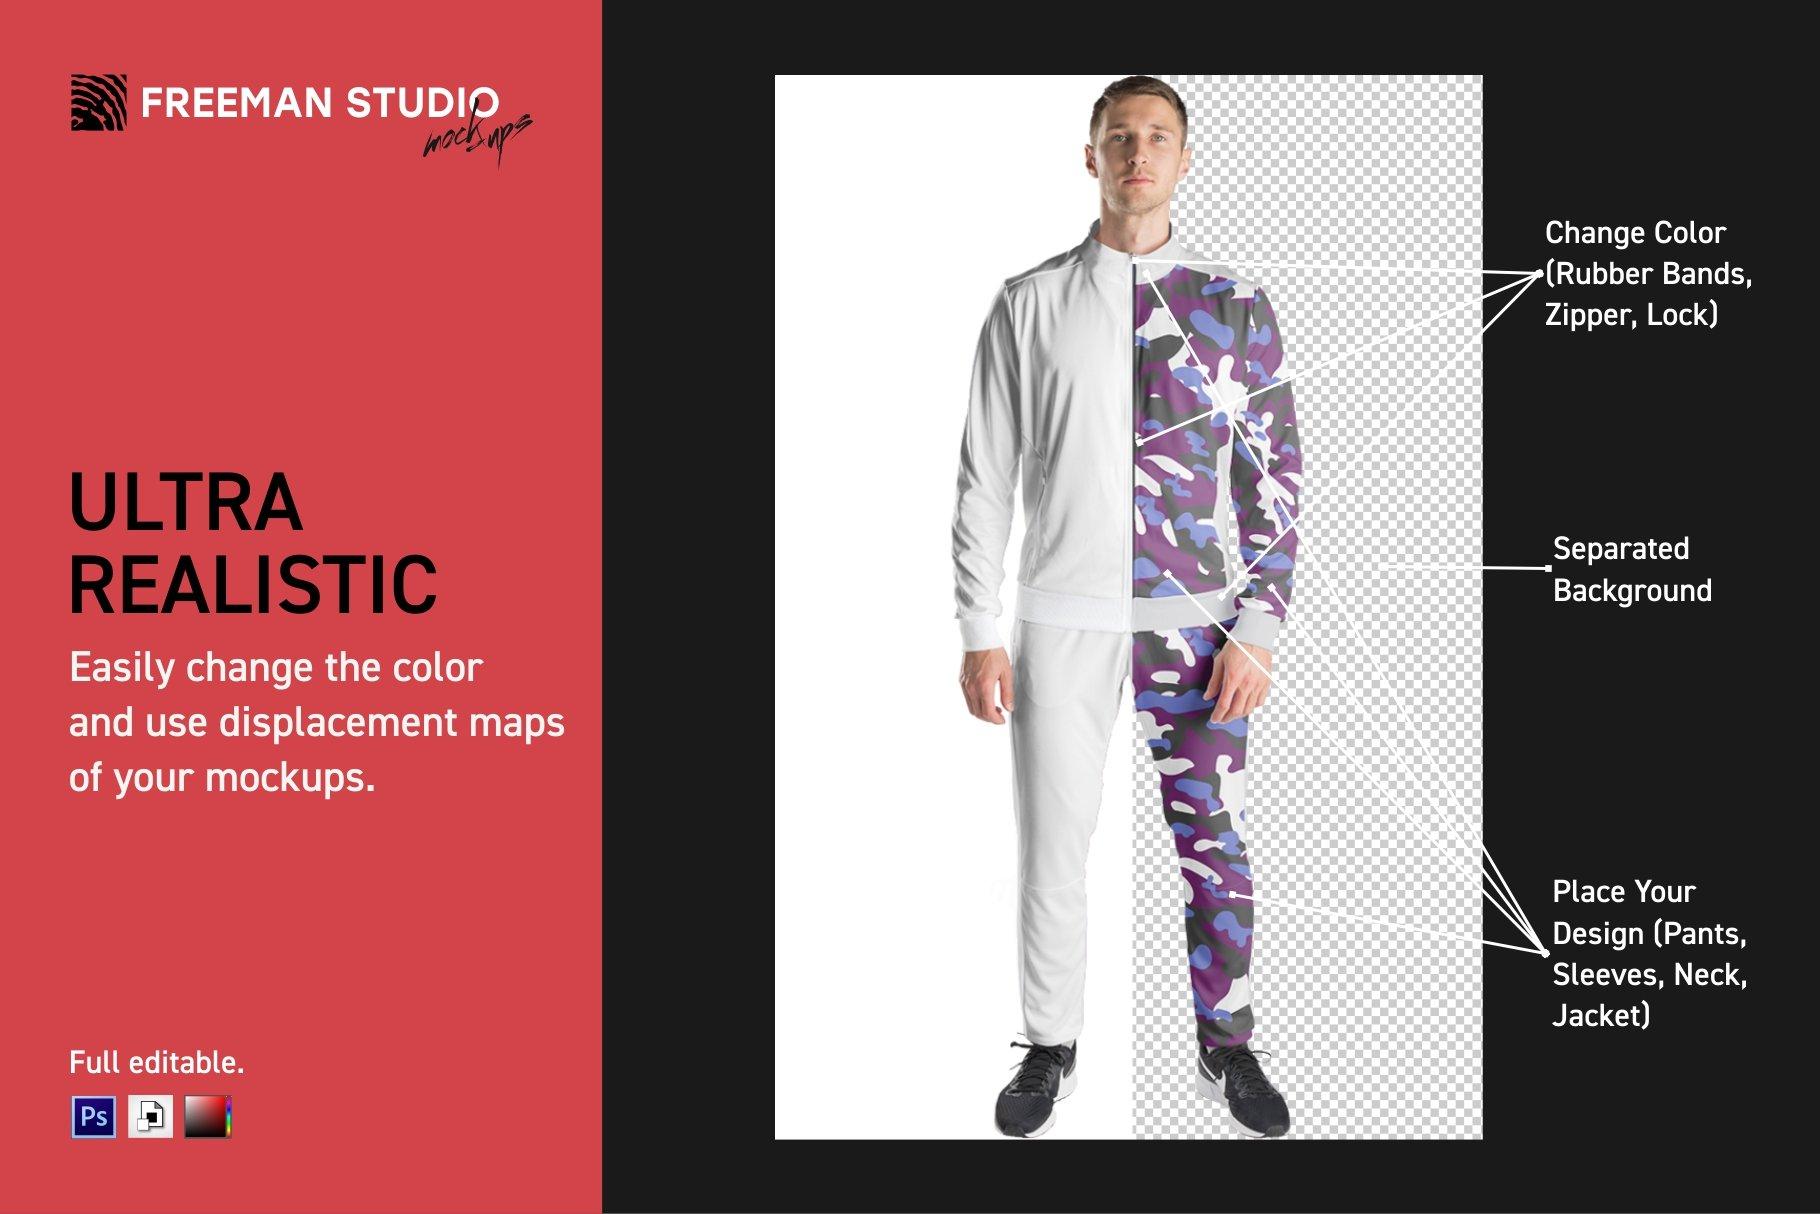 男士运动服饰设计展示样机模板 Sport Apparel Mockup Set插图(2)